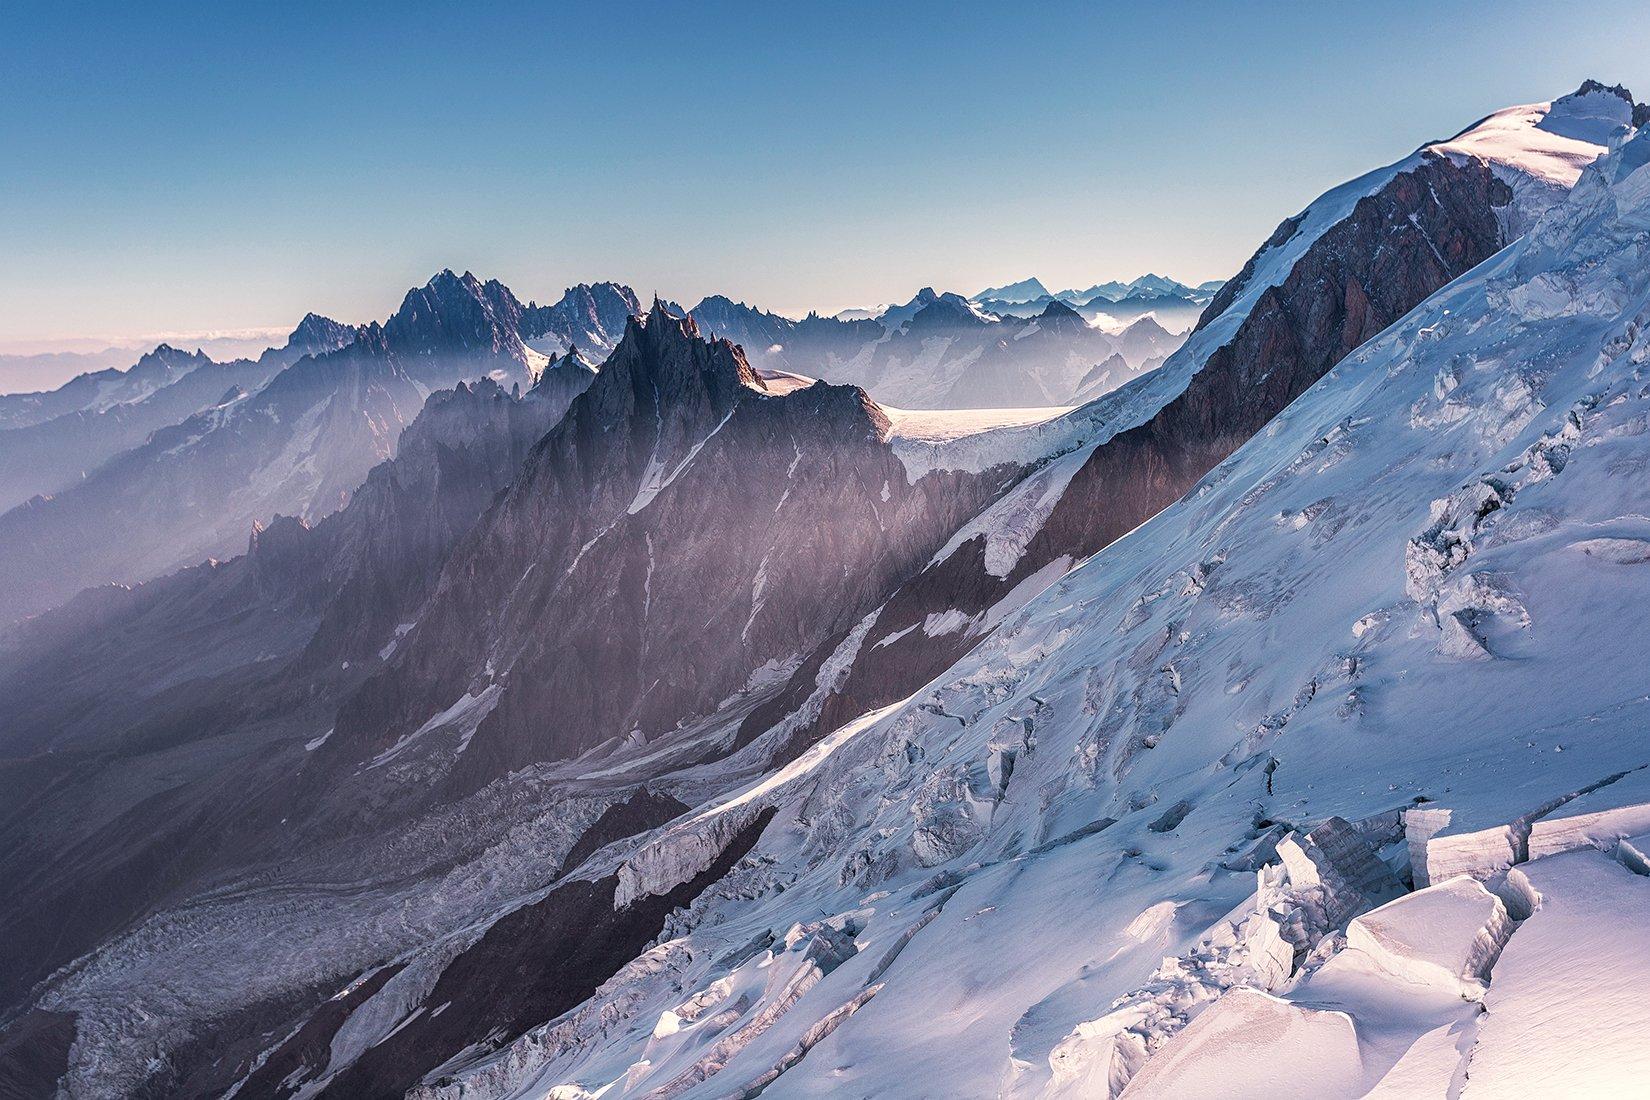 View to Aiguille du midi, Alp, Alps, Mont Blanc, summit, top, snow, mountains, trekking, trip, Patrycja